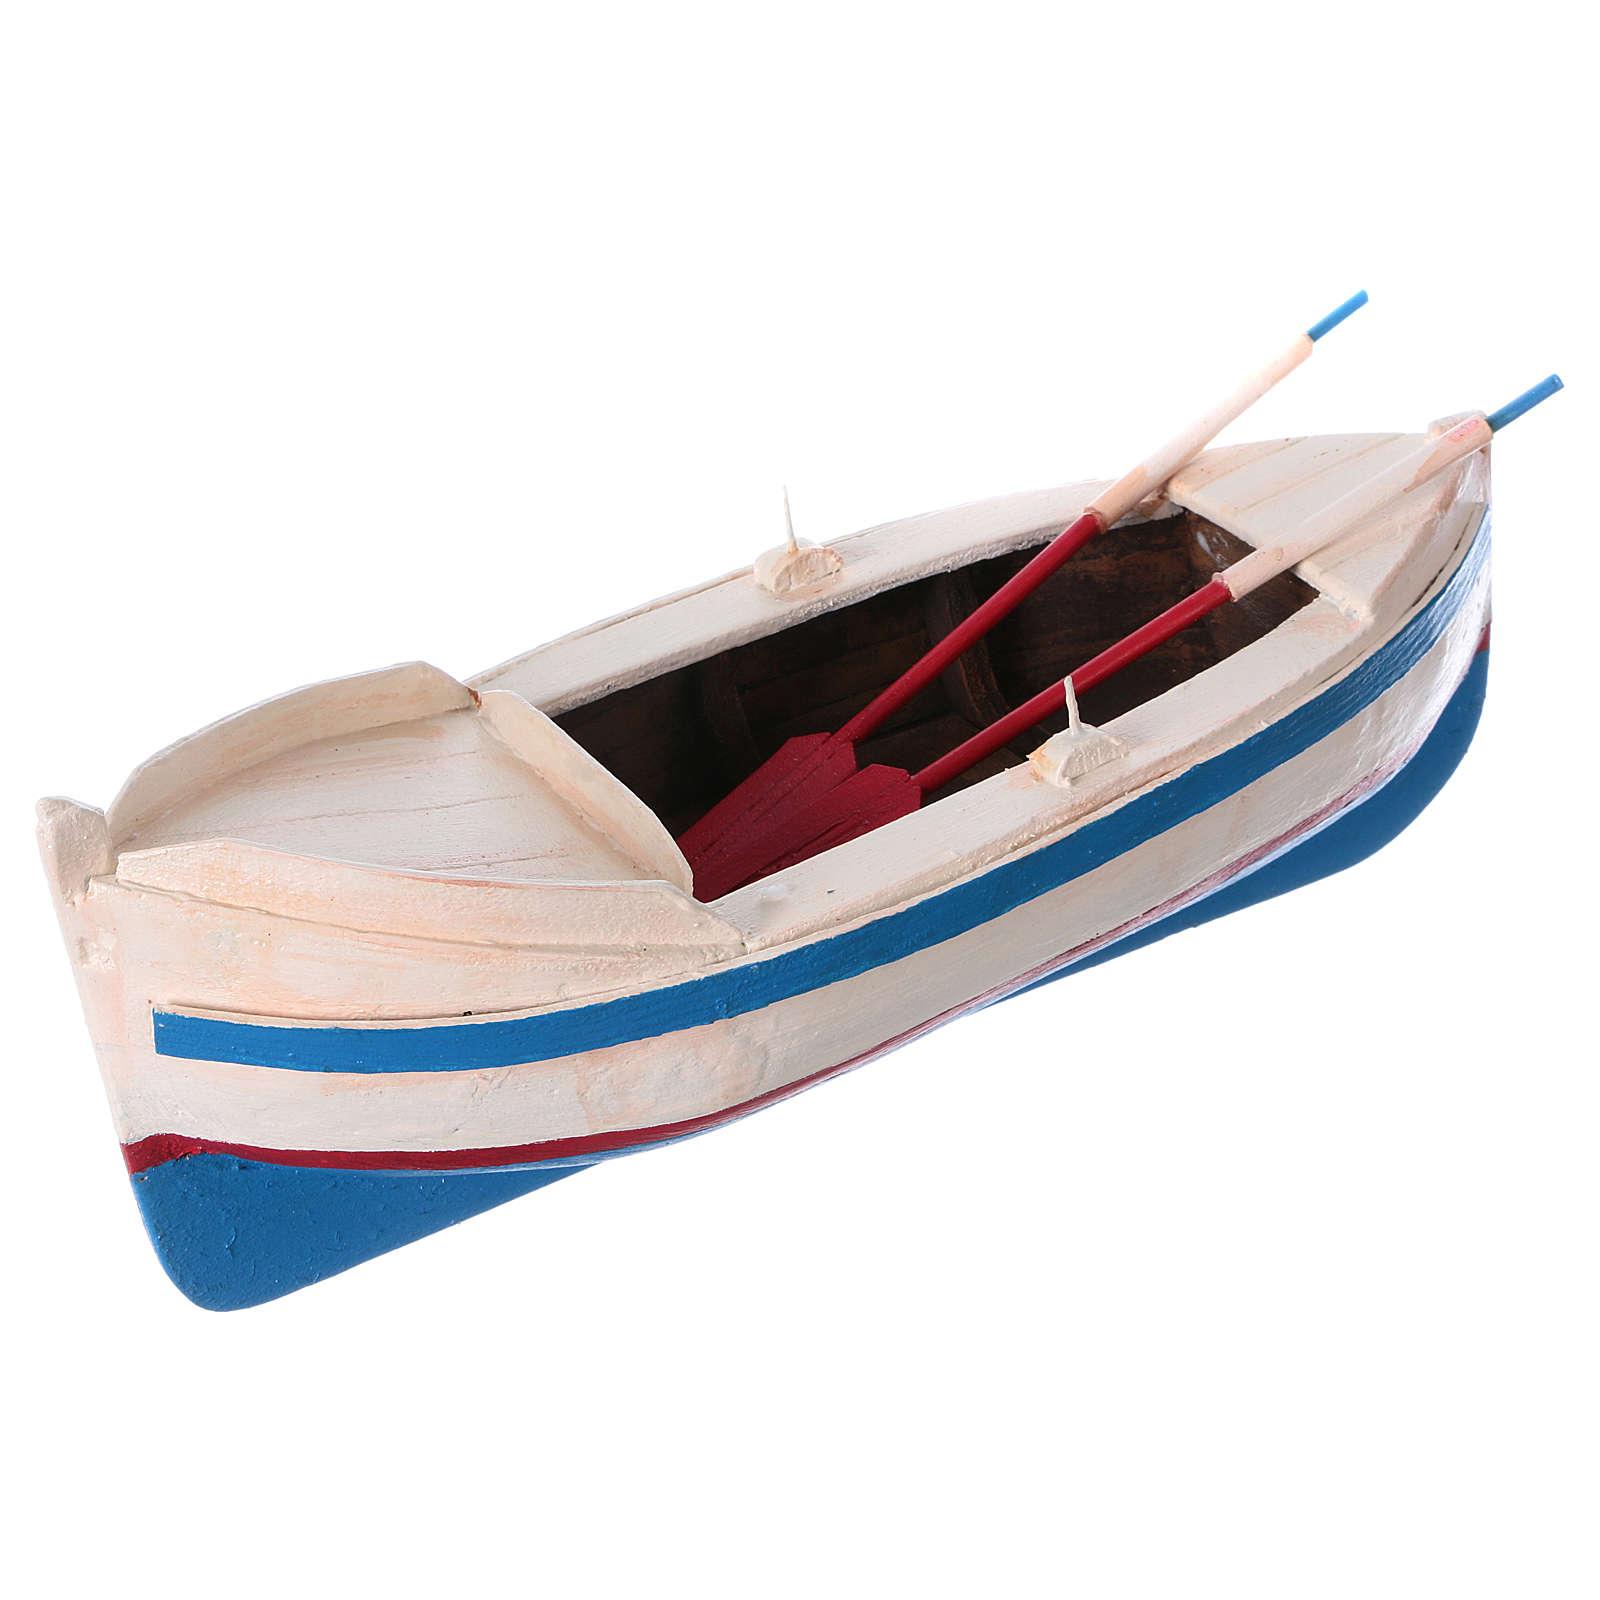 Pequeño barco de madera con remos belén 12 cm de altura media 4